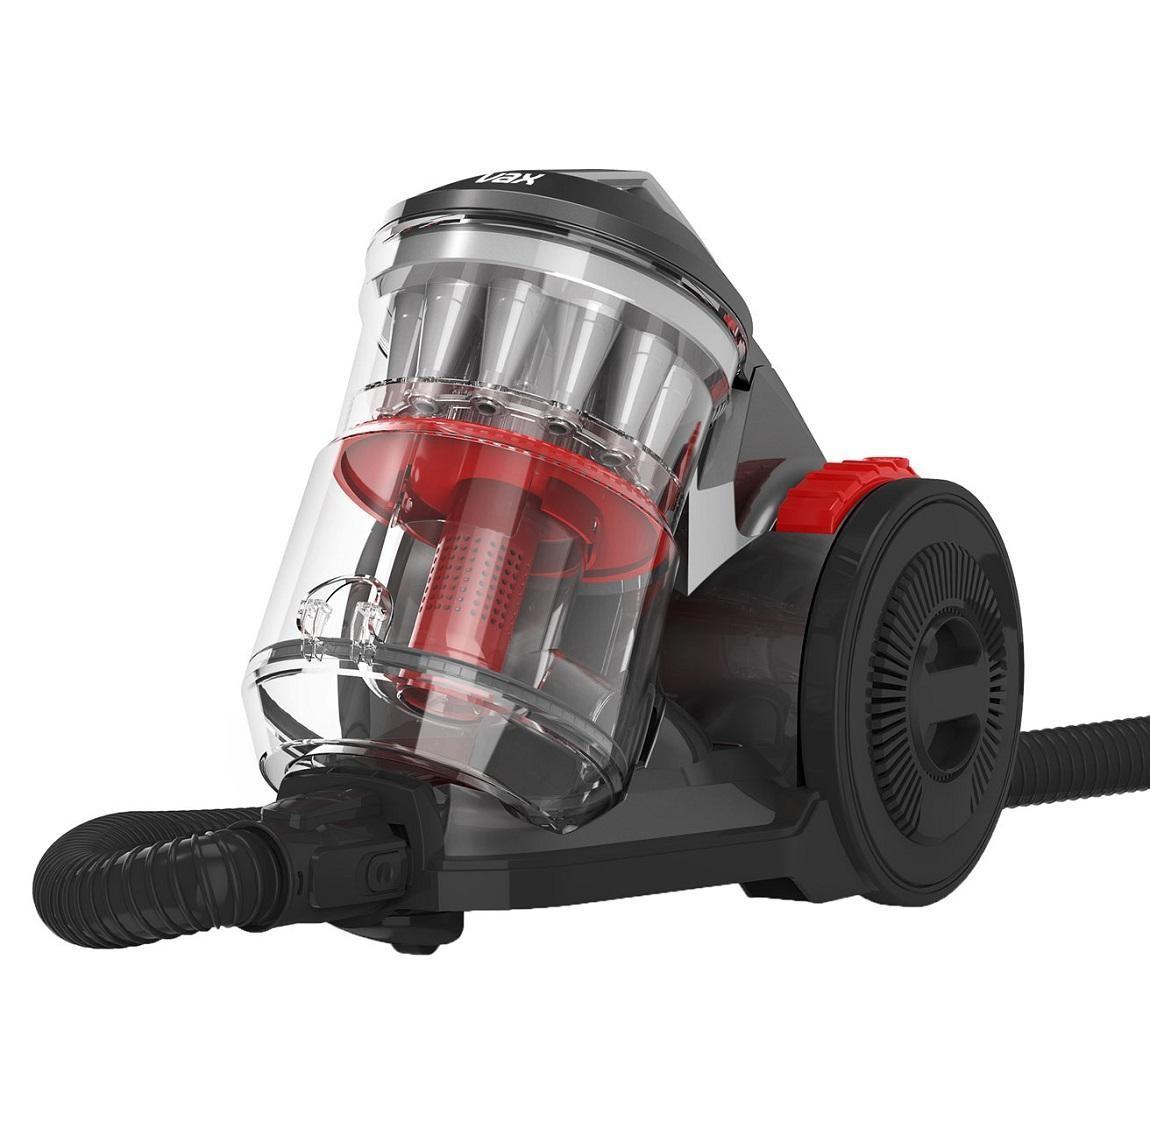 CCQSASV1T1-vacuum.jpg